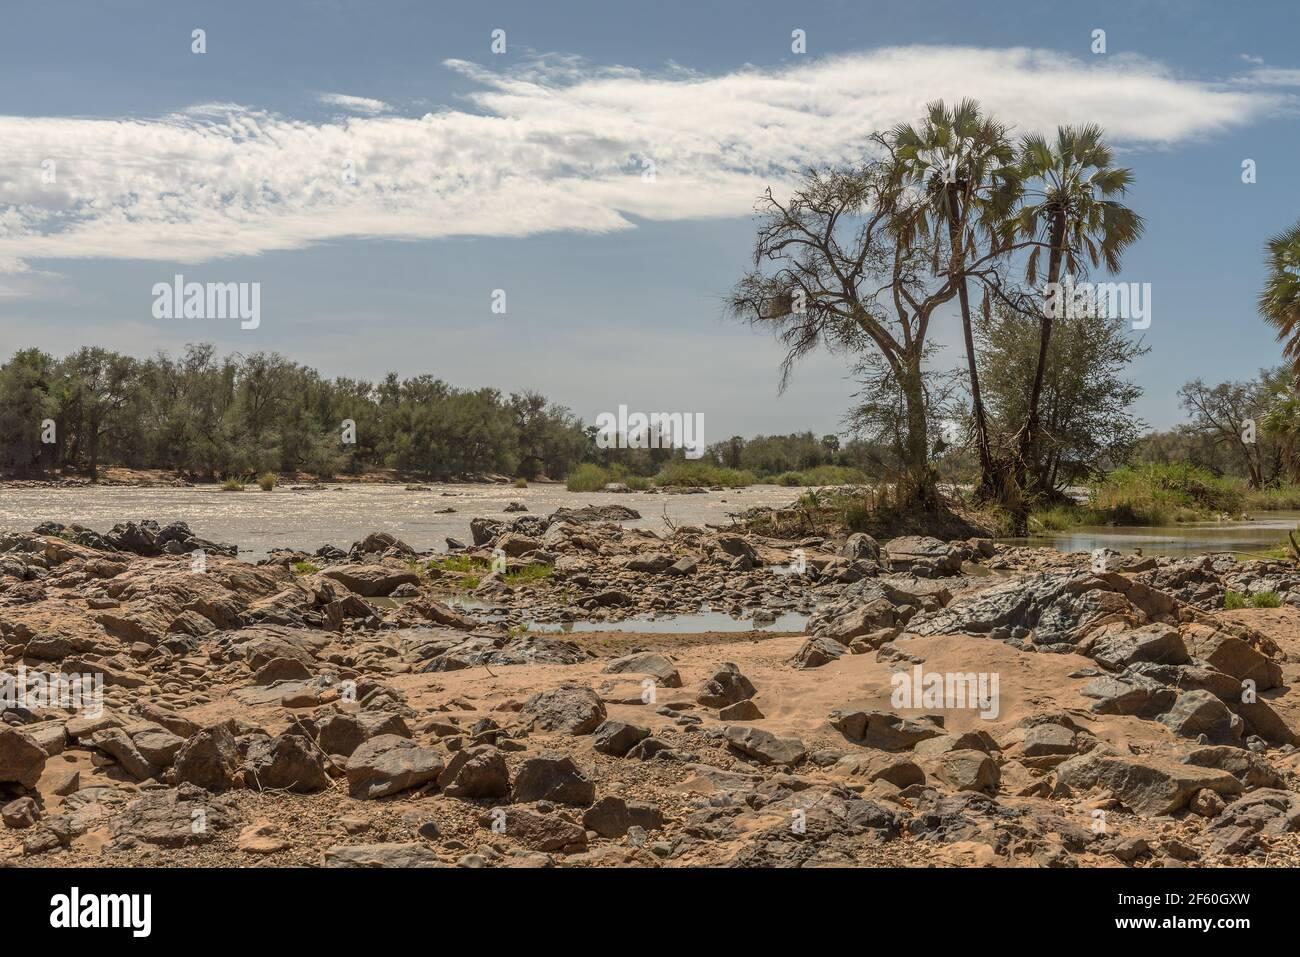 Vue sur le paysage de la rivière Kunene, la rivière frontalière entre la Namibie et l'Angola Banque D'Images